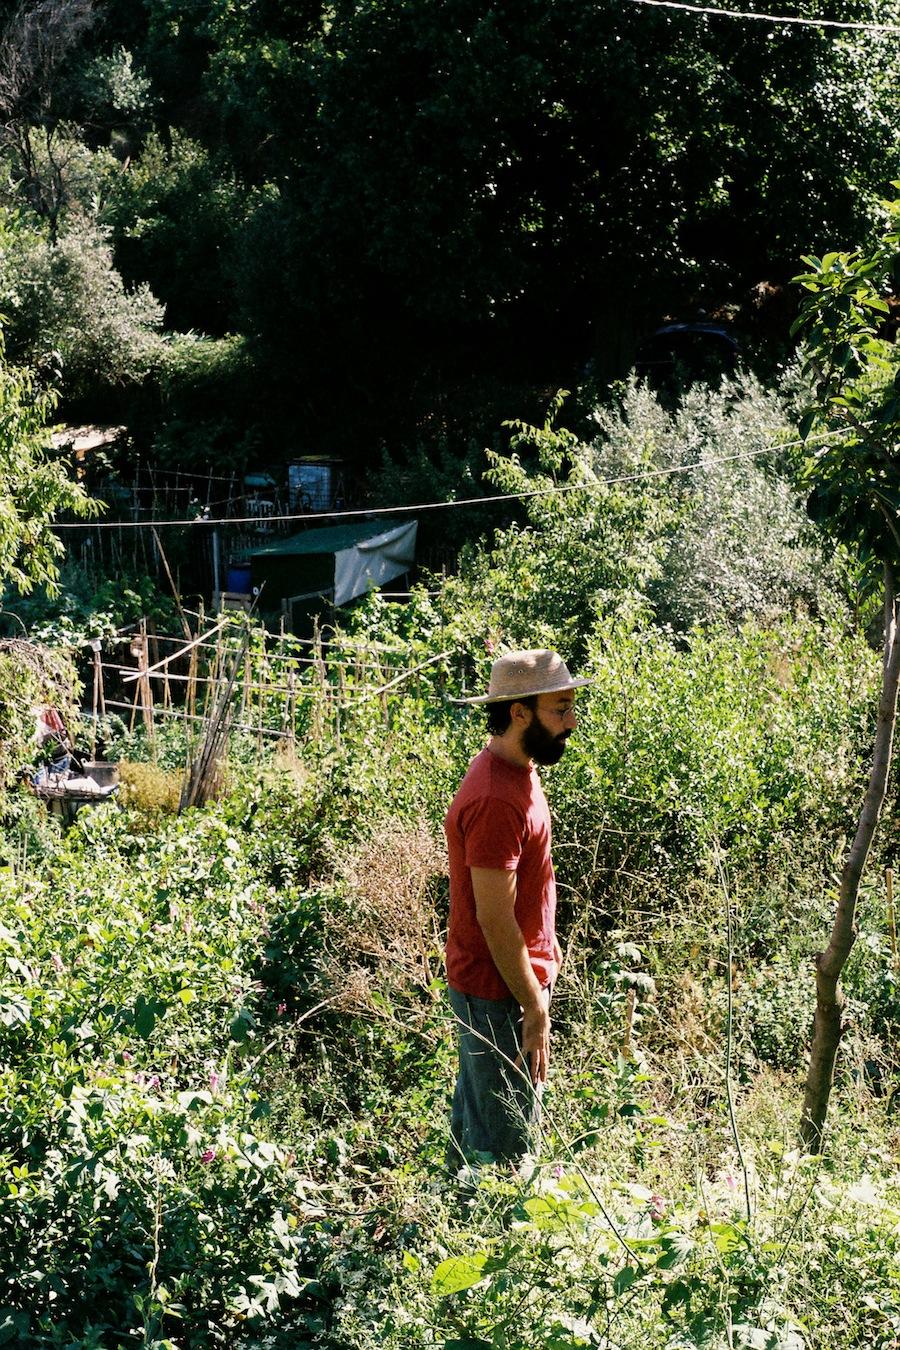 http://lafilladelfotografu.irenavisa.com/files/gimgs/92_f1000014-1.jpg